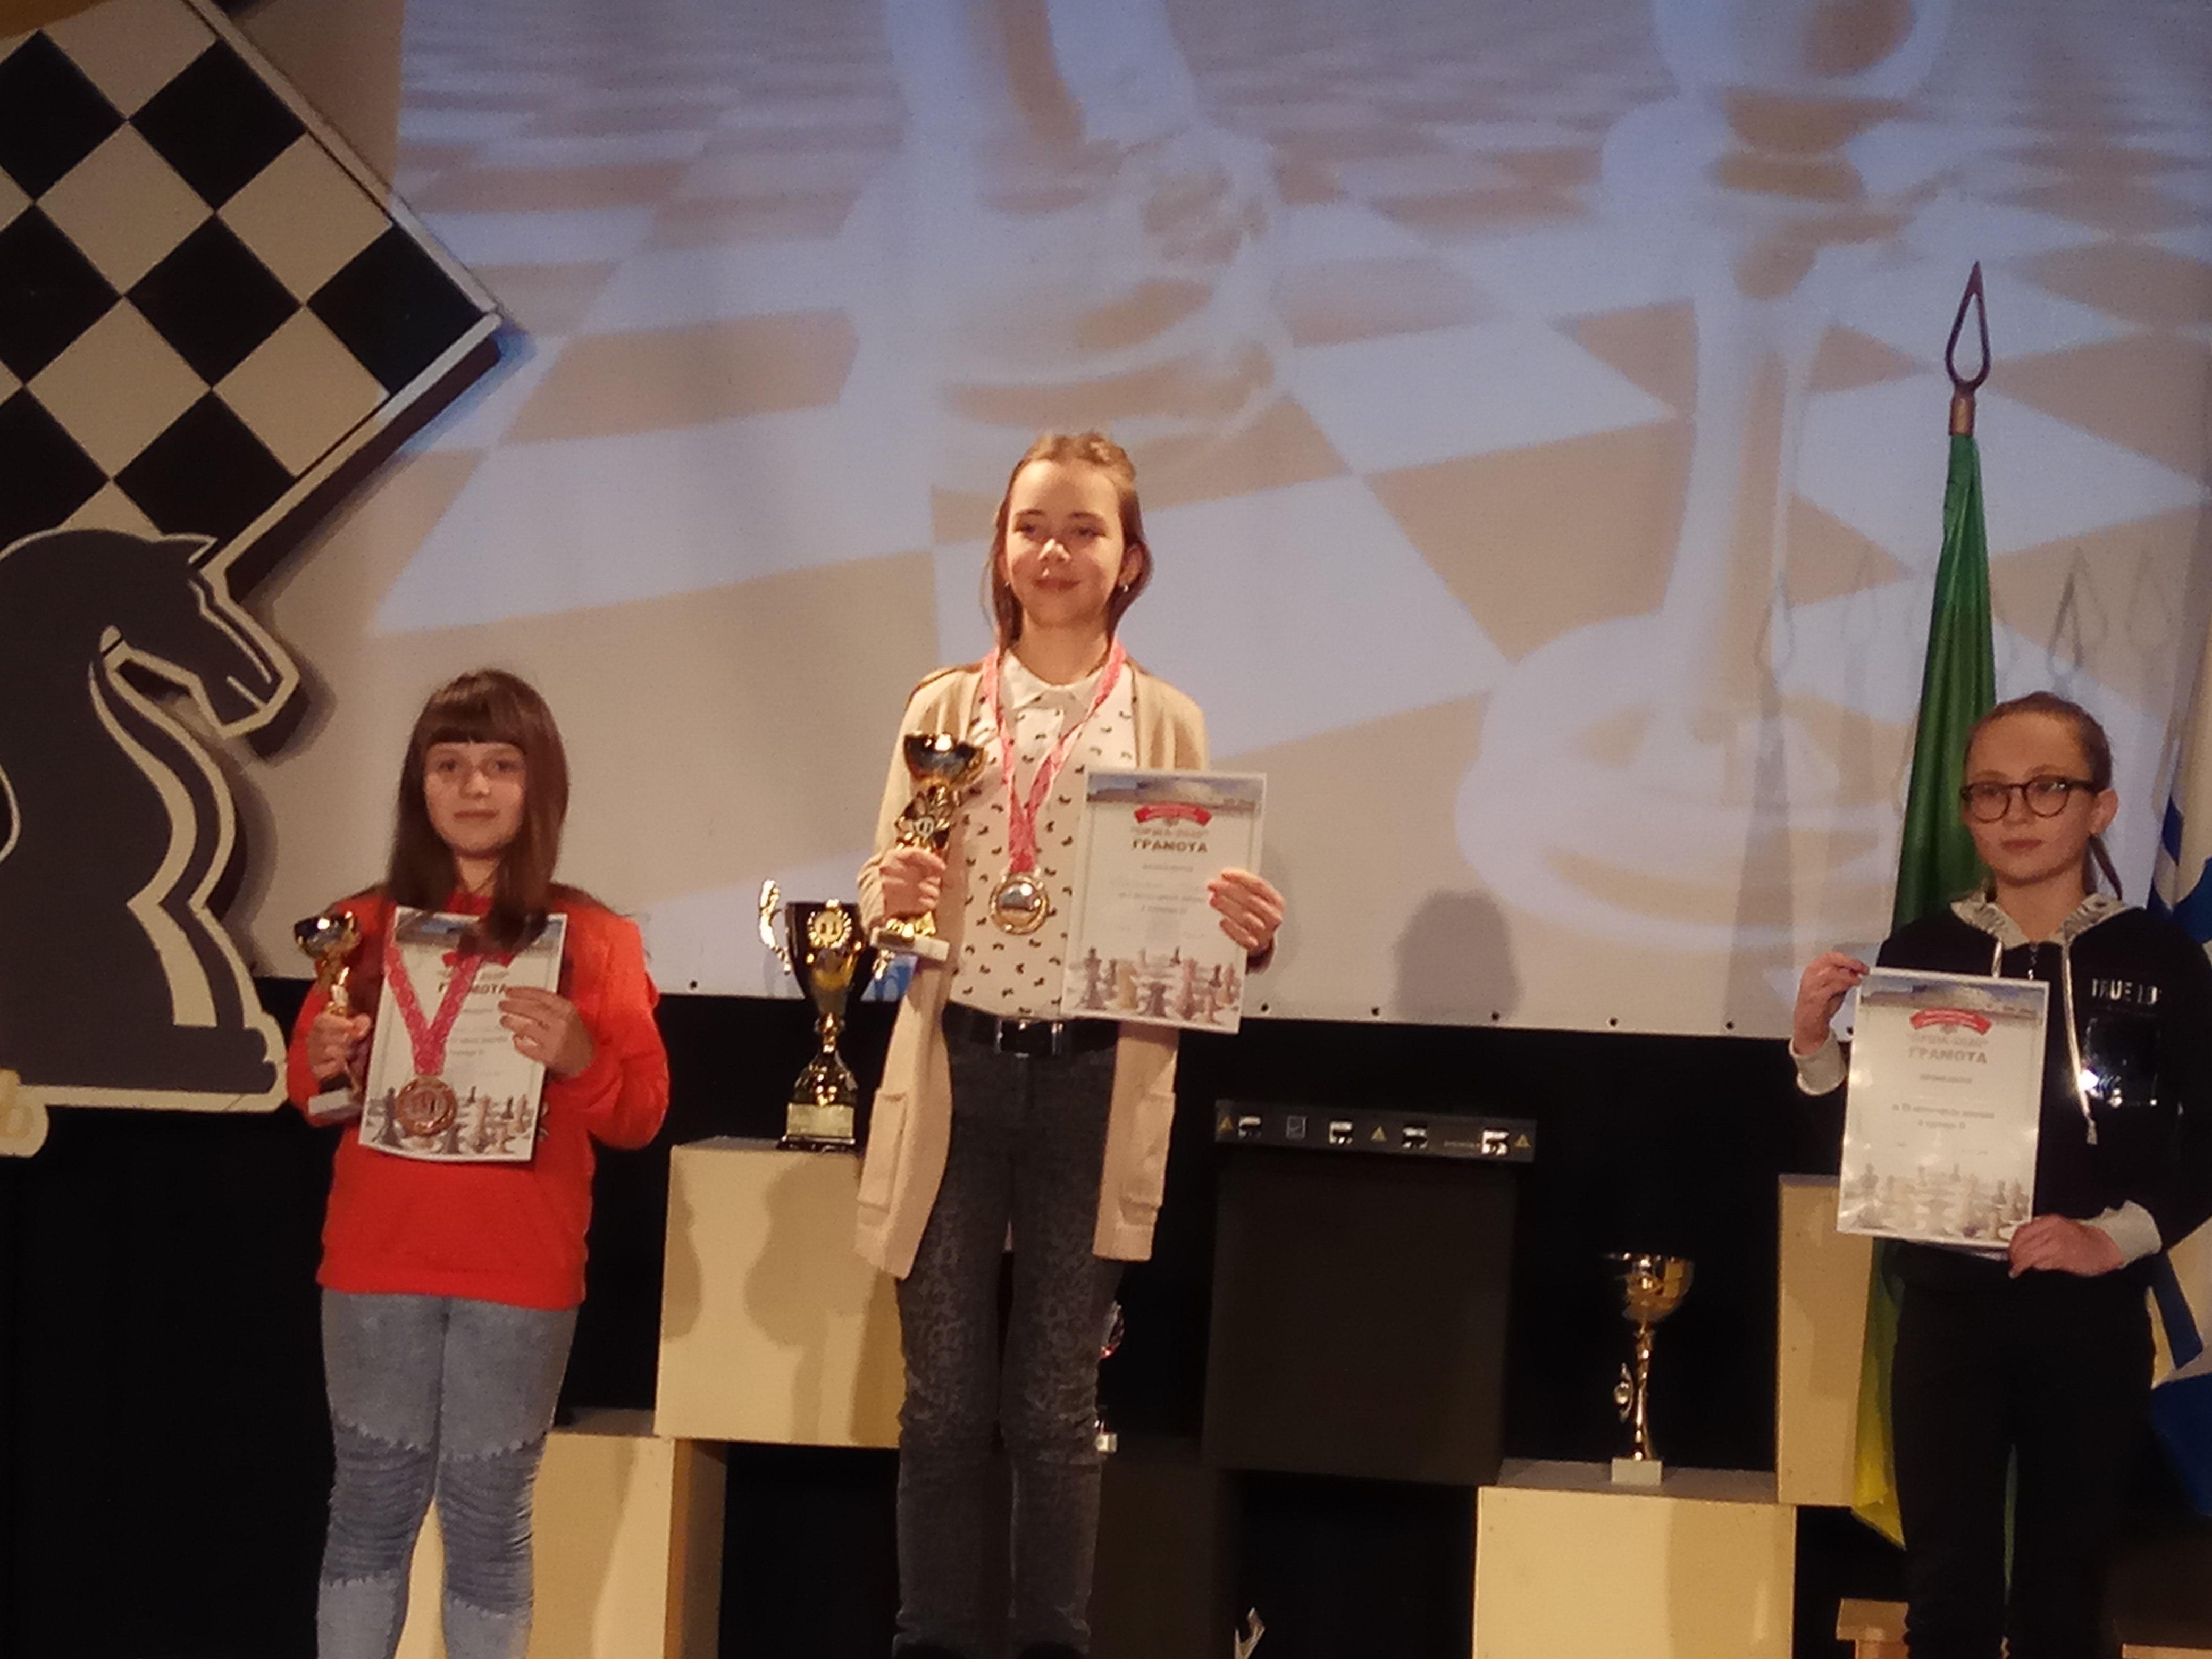 Милена Сидореня (2-е место). Фото: архив Александра СИДОРЕНИ